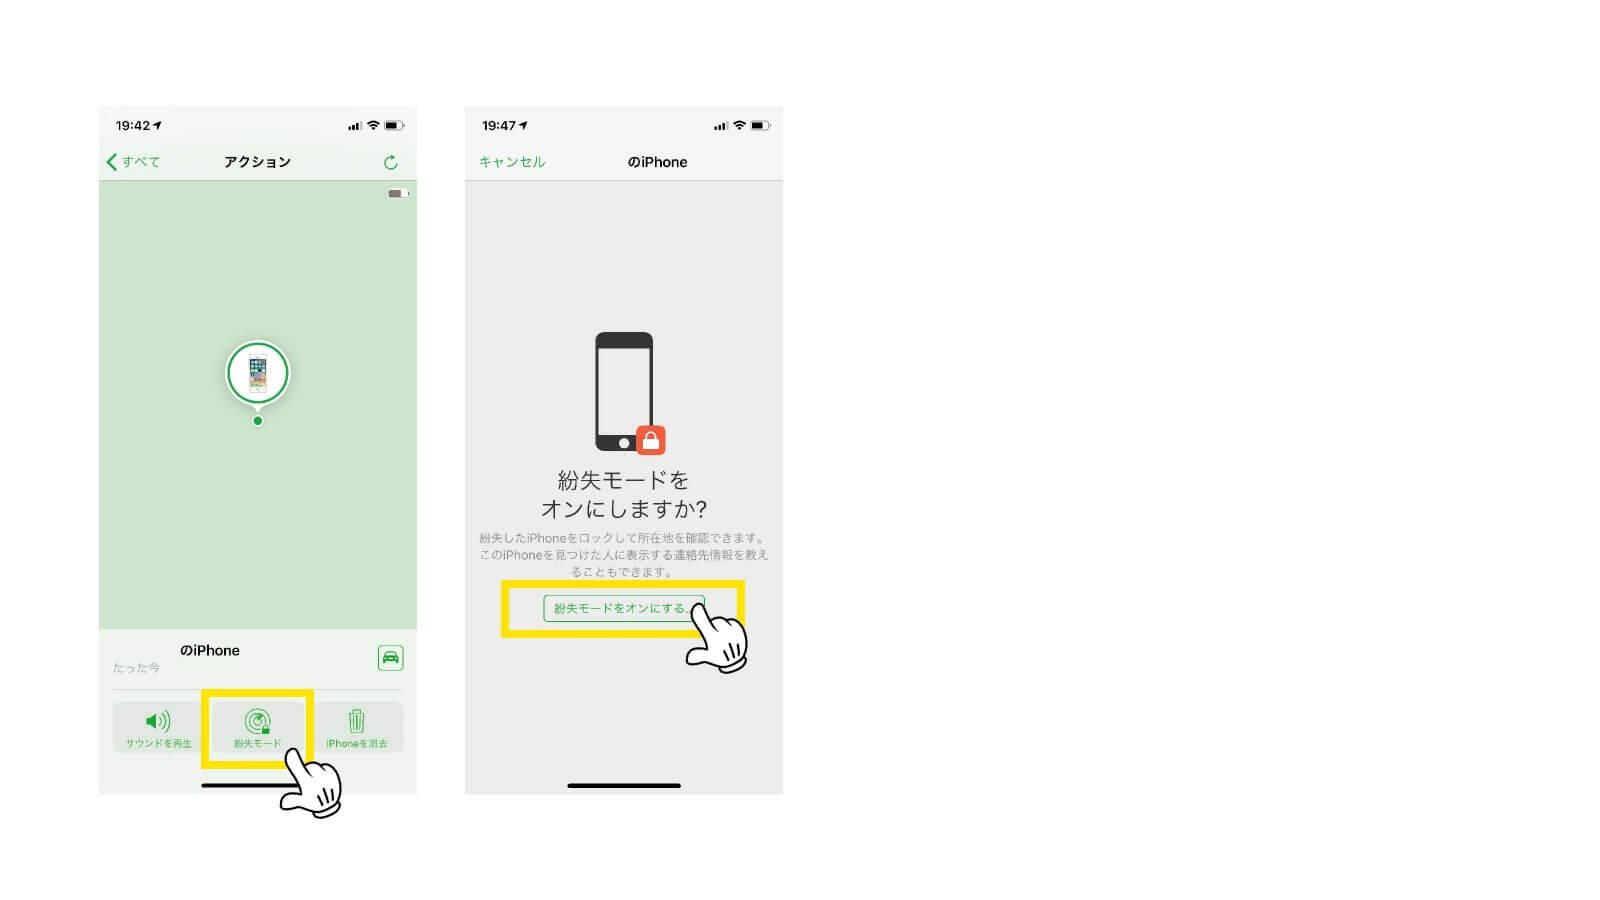 iphone操作。「iPHoneを探す」で紛失モードを設定する。